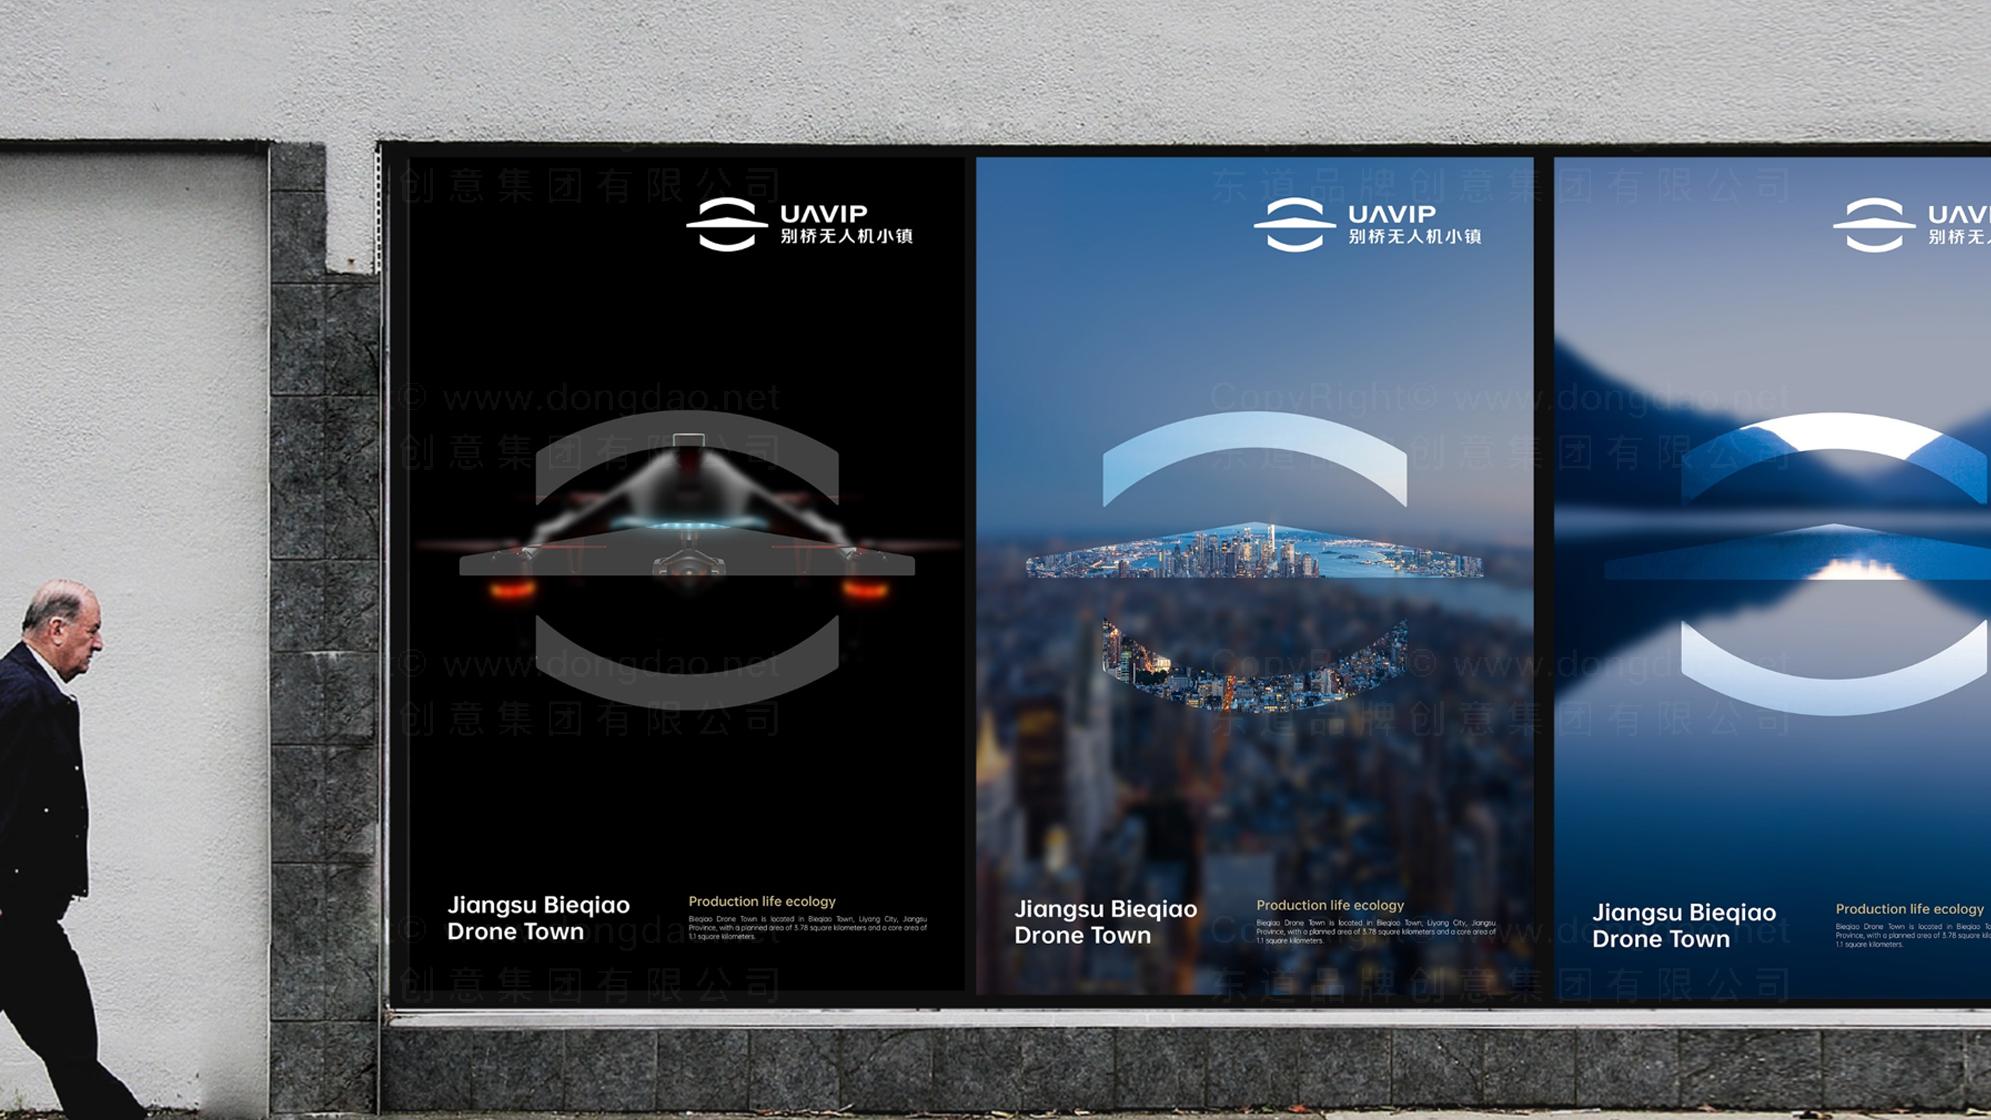 品牌设计别桥无人机小镇标志设计应用场景_2